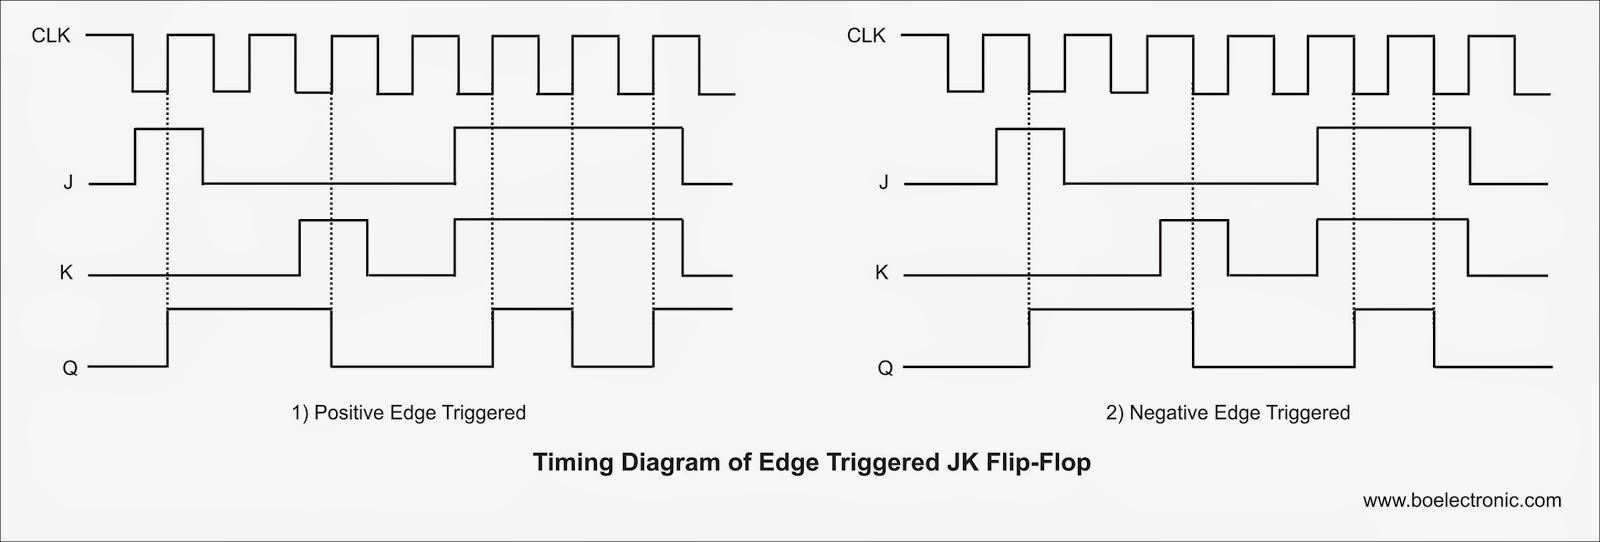 hight resolution of positive edge triggered d flip flop timing diagram d type flip flop elsavadorla negative edge triggered